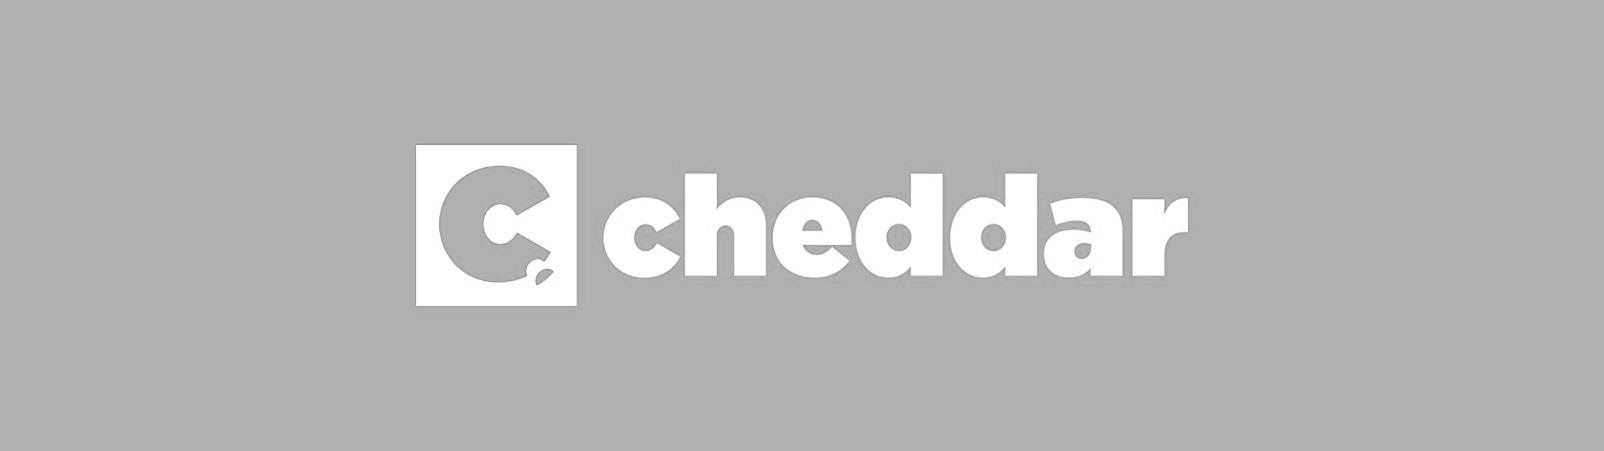 Cheddar Logo.jpg